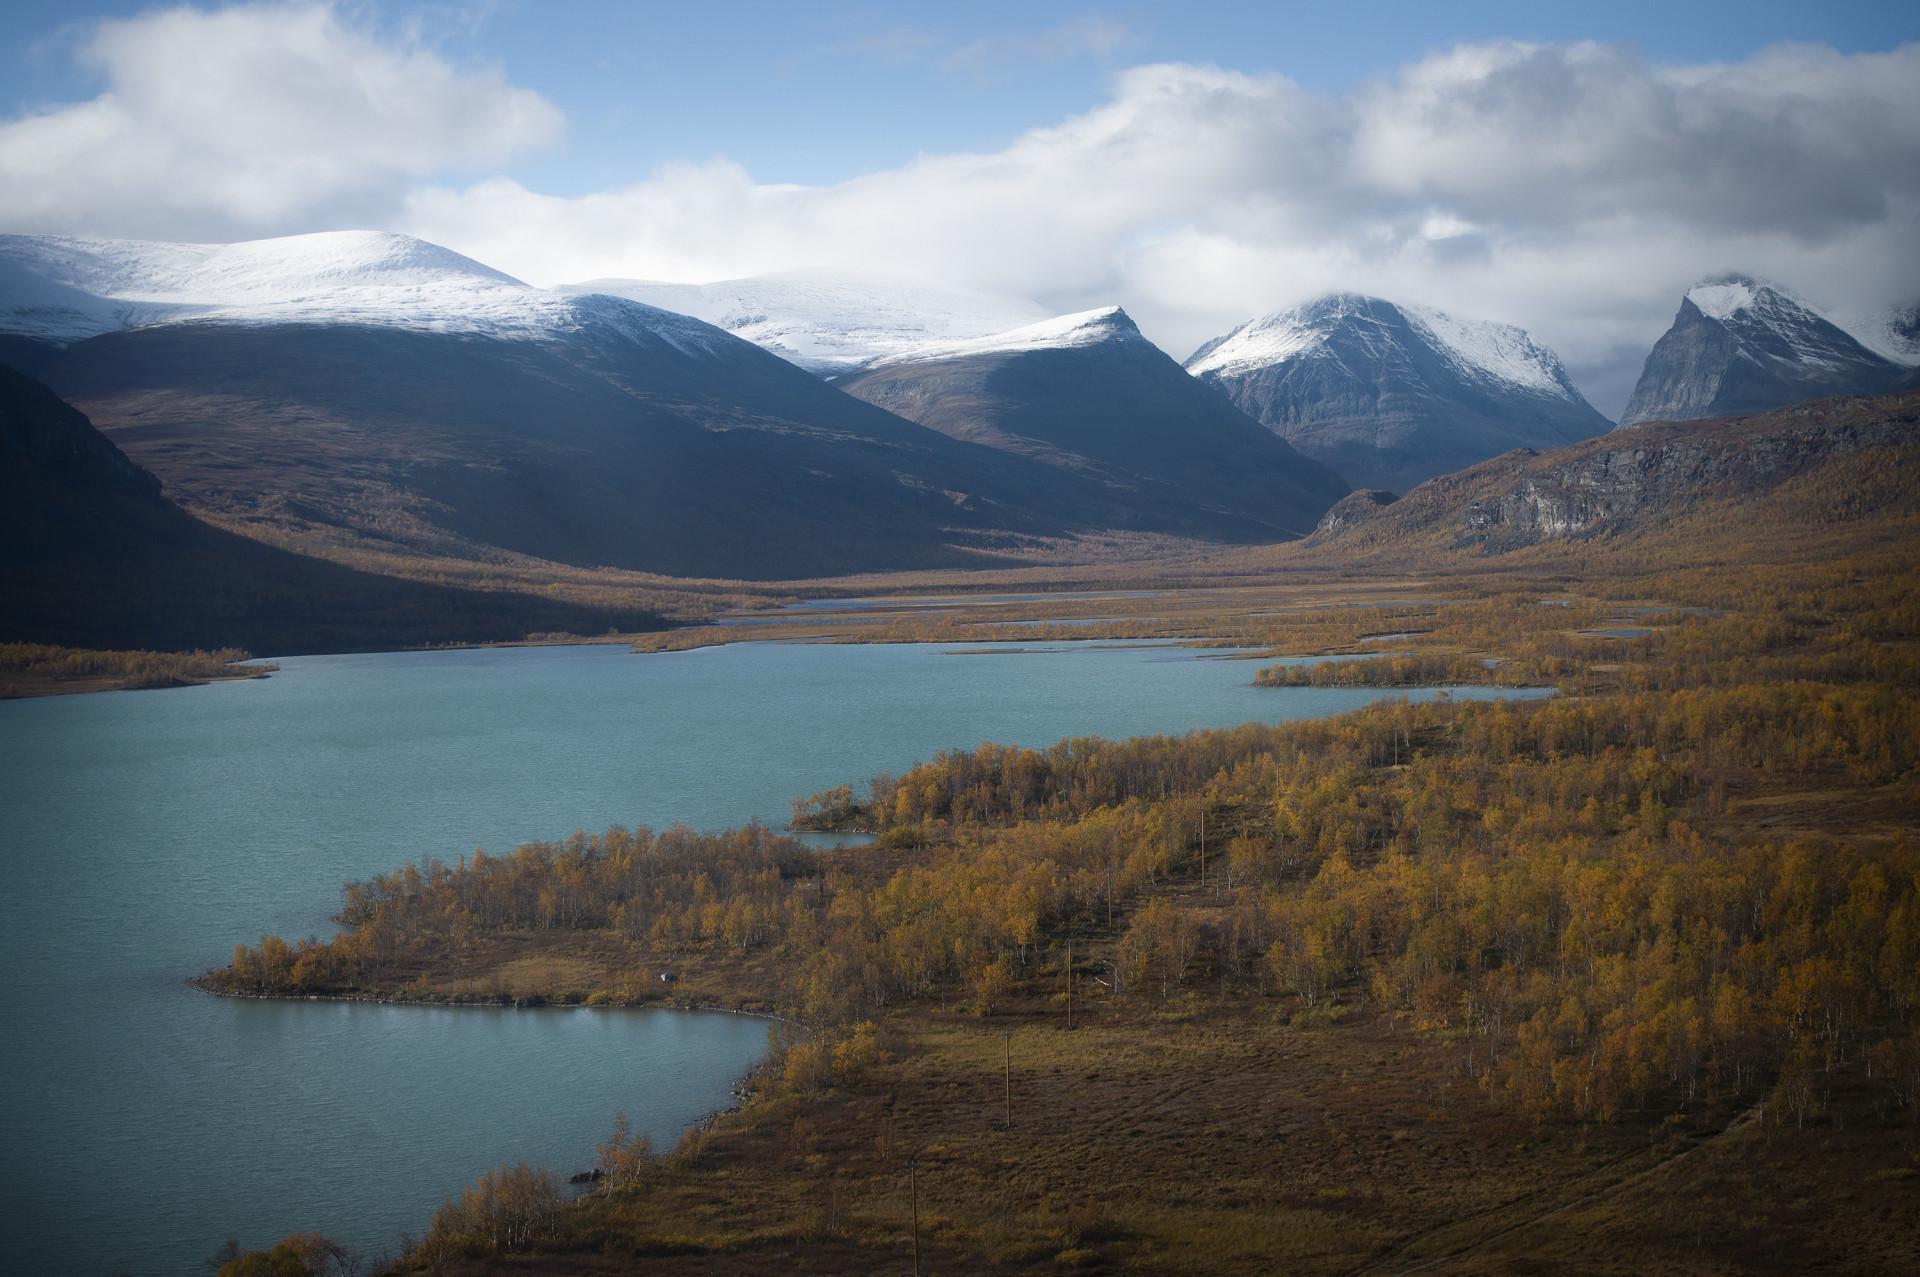 Turkost vatten, brun växtlighet och höga berg i Kebnekaisemassivet. Foto: Camilla Andersen/ Nordiska museet